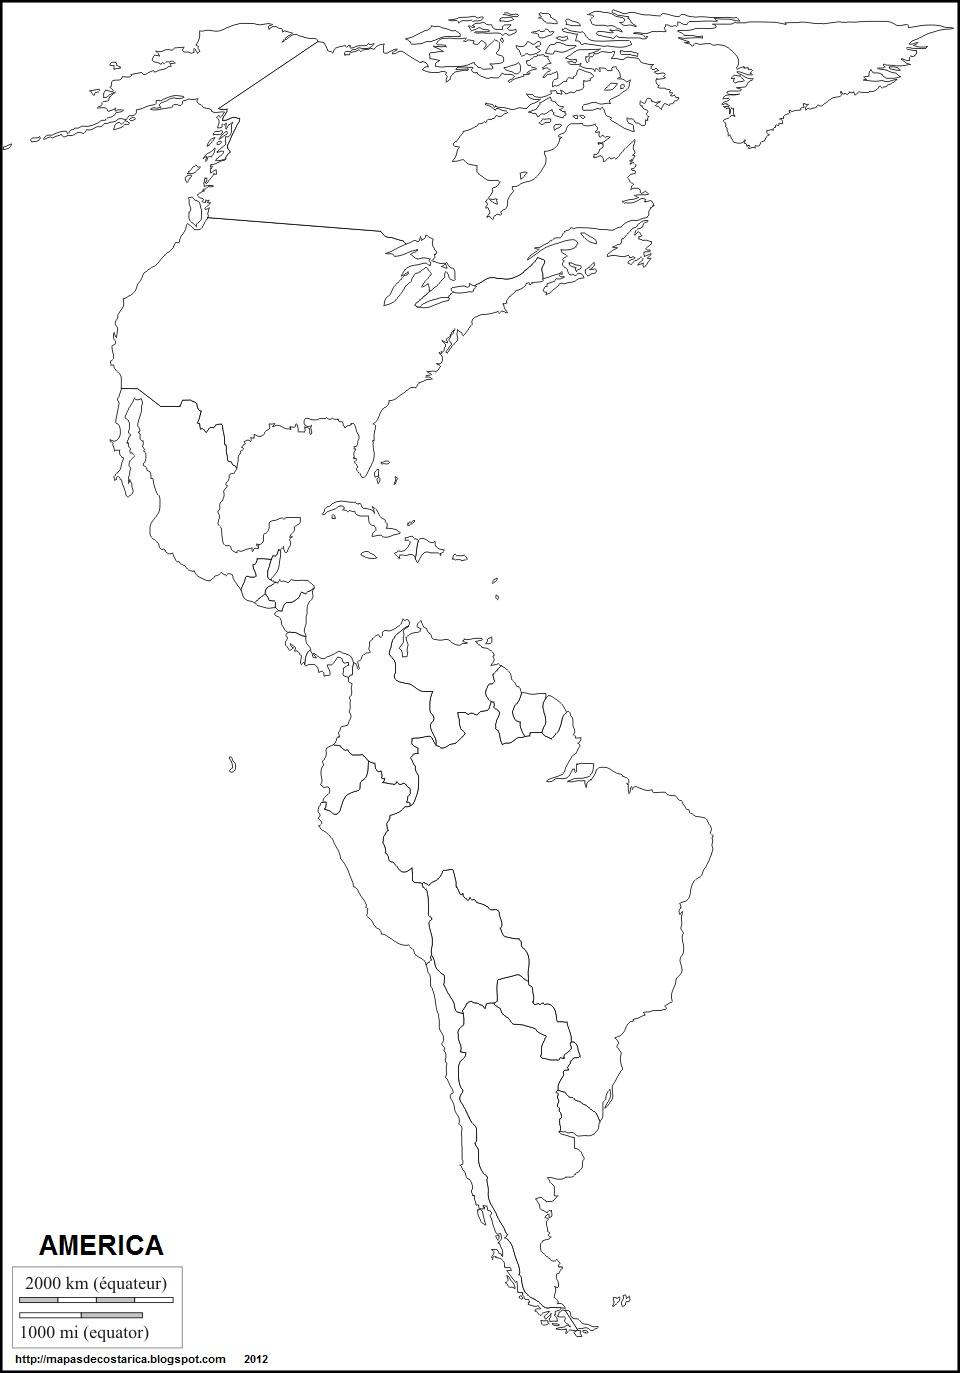 Mapa Mudo De America.Mapa De America Mudo Para Imprimir